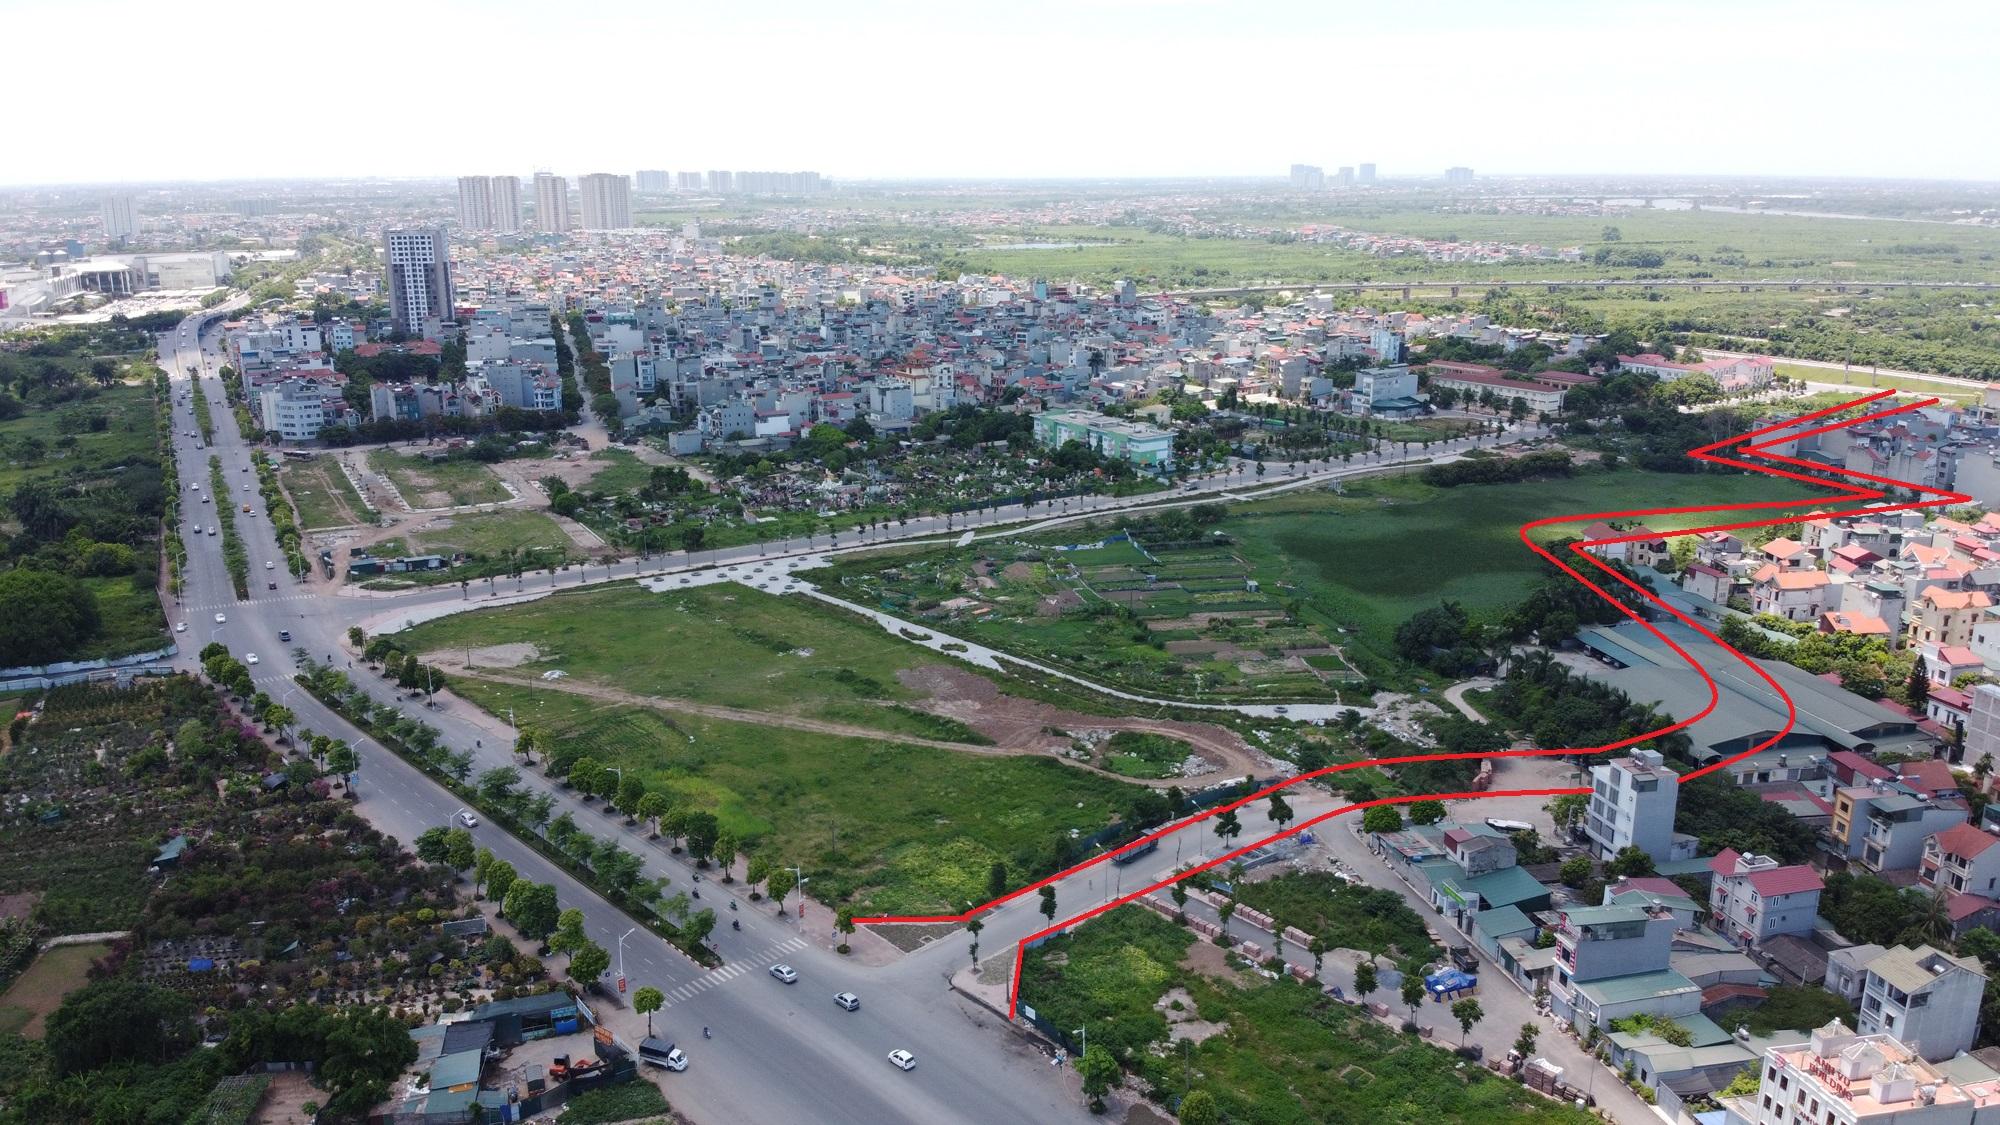 5 đường sẽ mở theo qui hoạch ở phường Long Biên, quận Long Biên, Hà Nội - Ảnh 12.